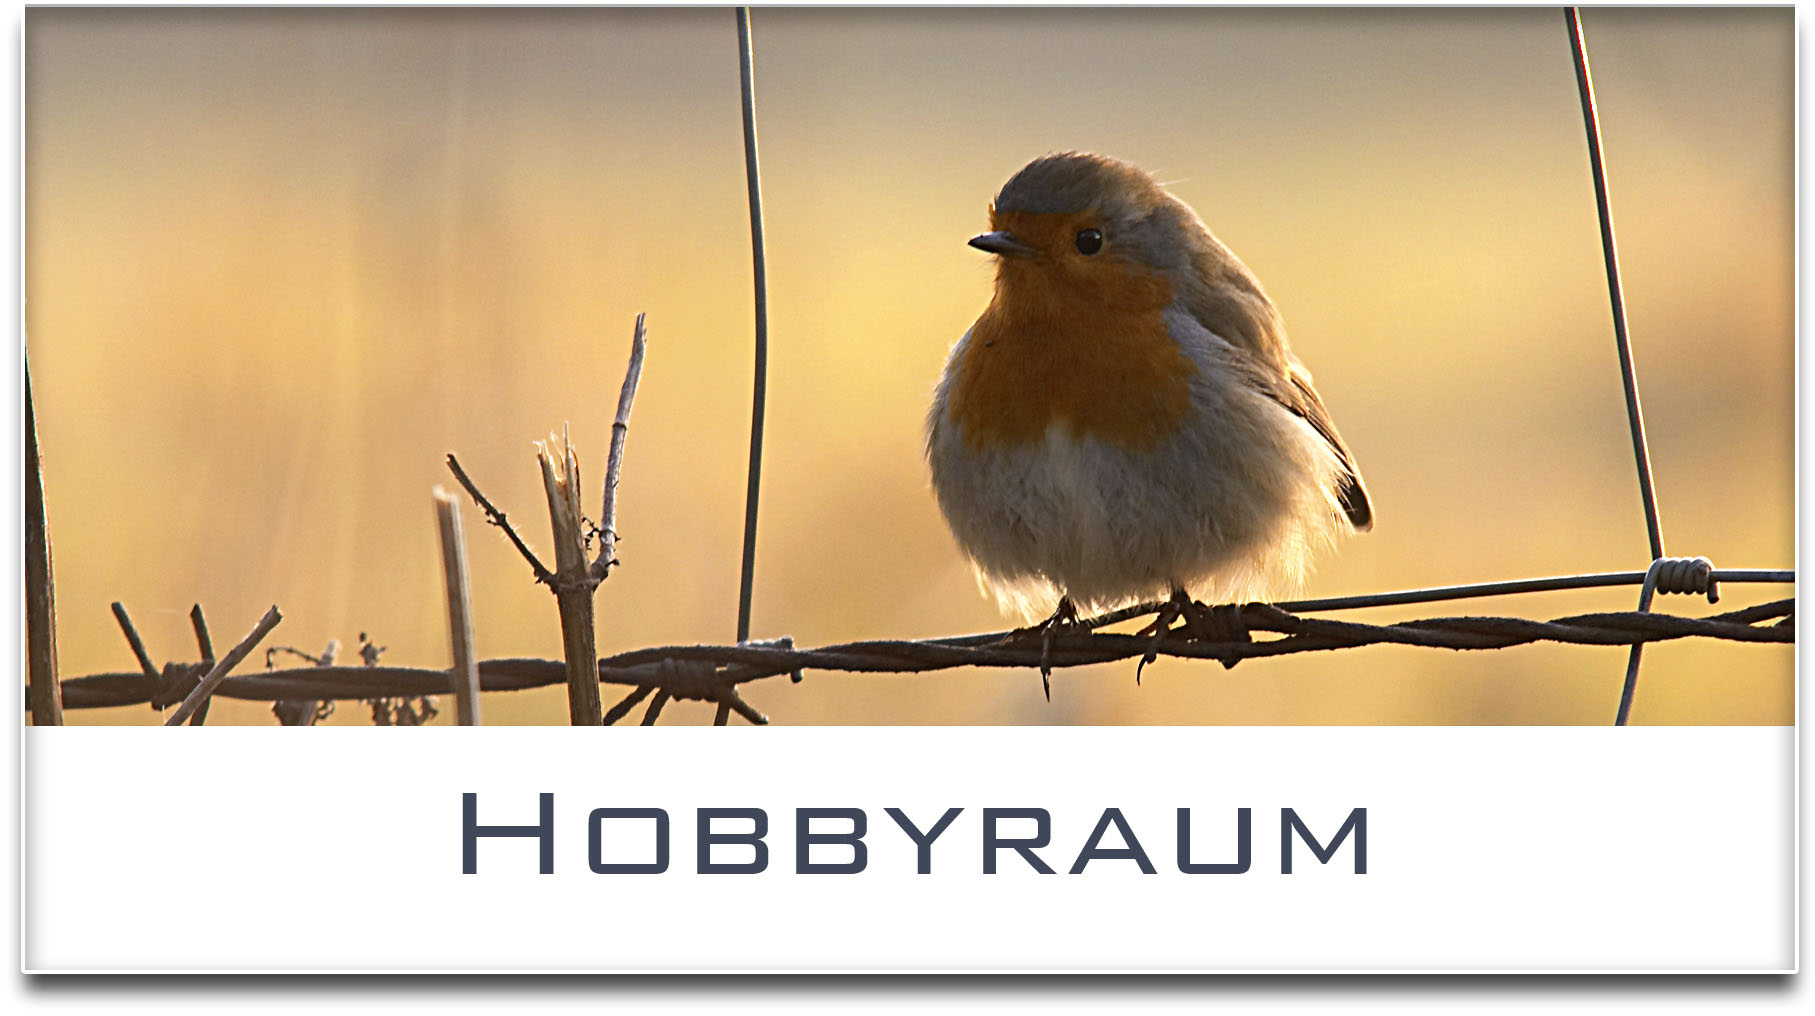 Türschild / Haustürschild / Rotkehlchen / Hobbyraum / Selbstklebend